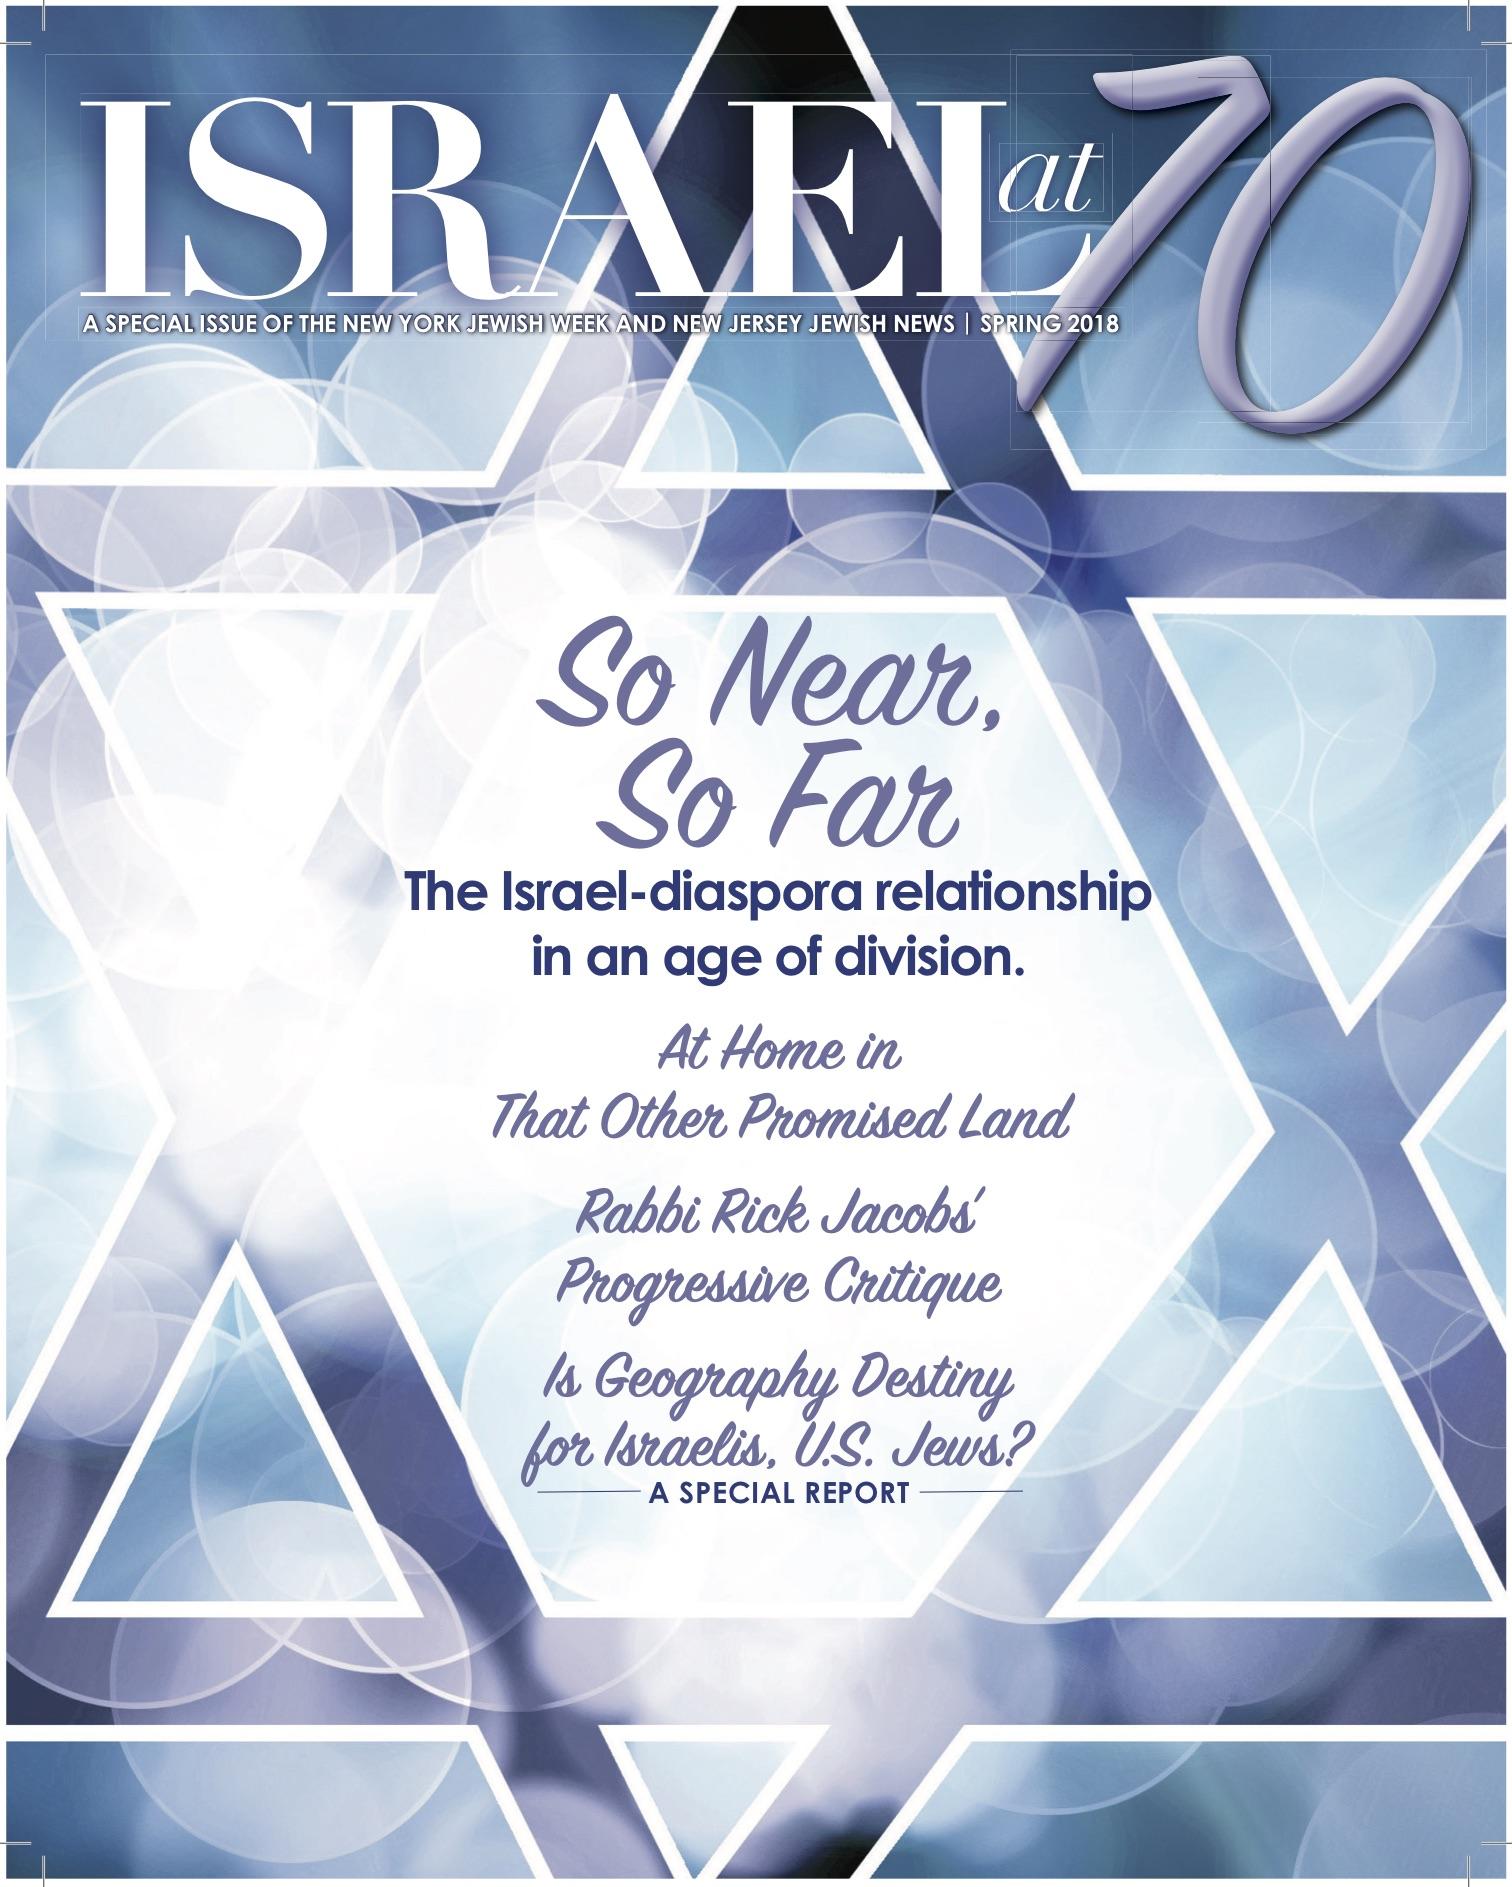 Israel at 70 | New Jersey Jewish News